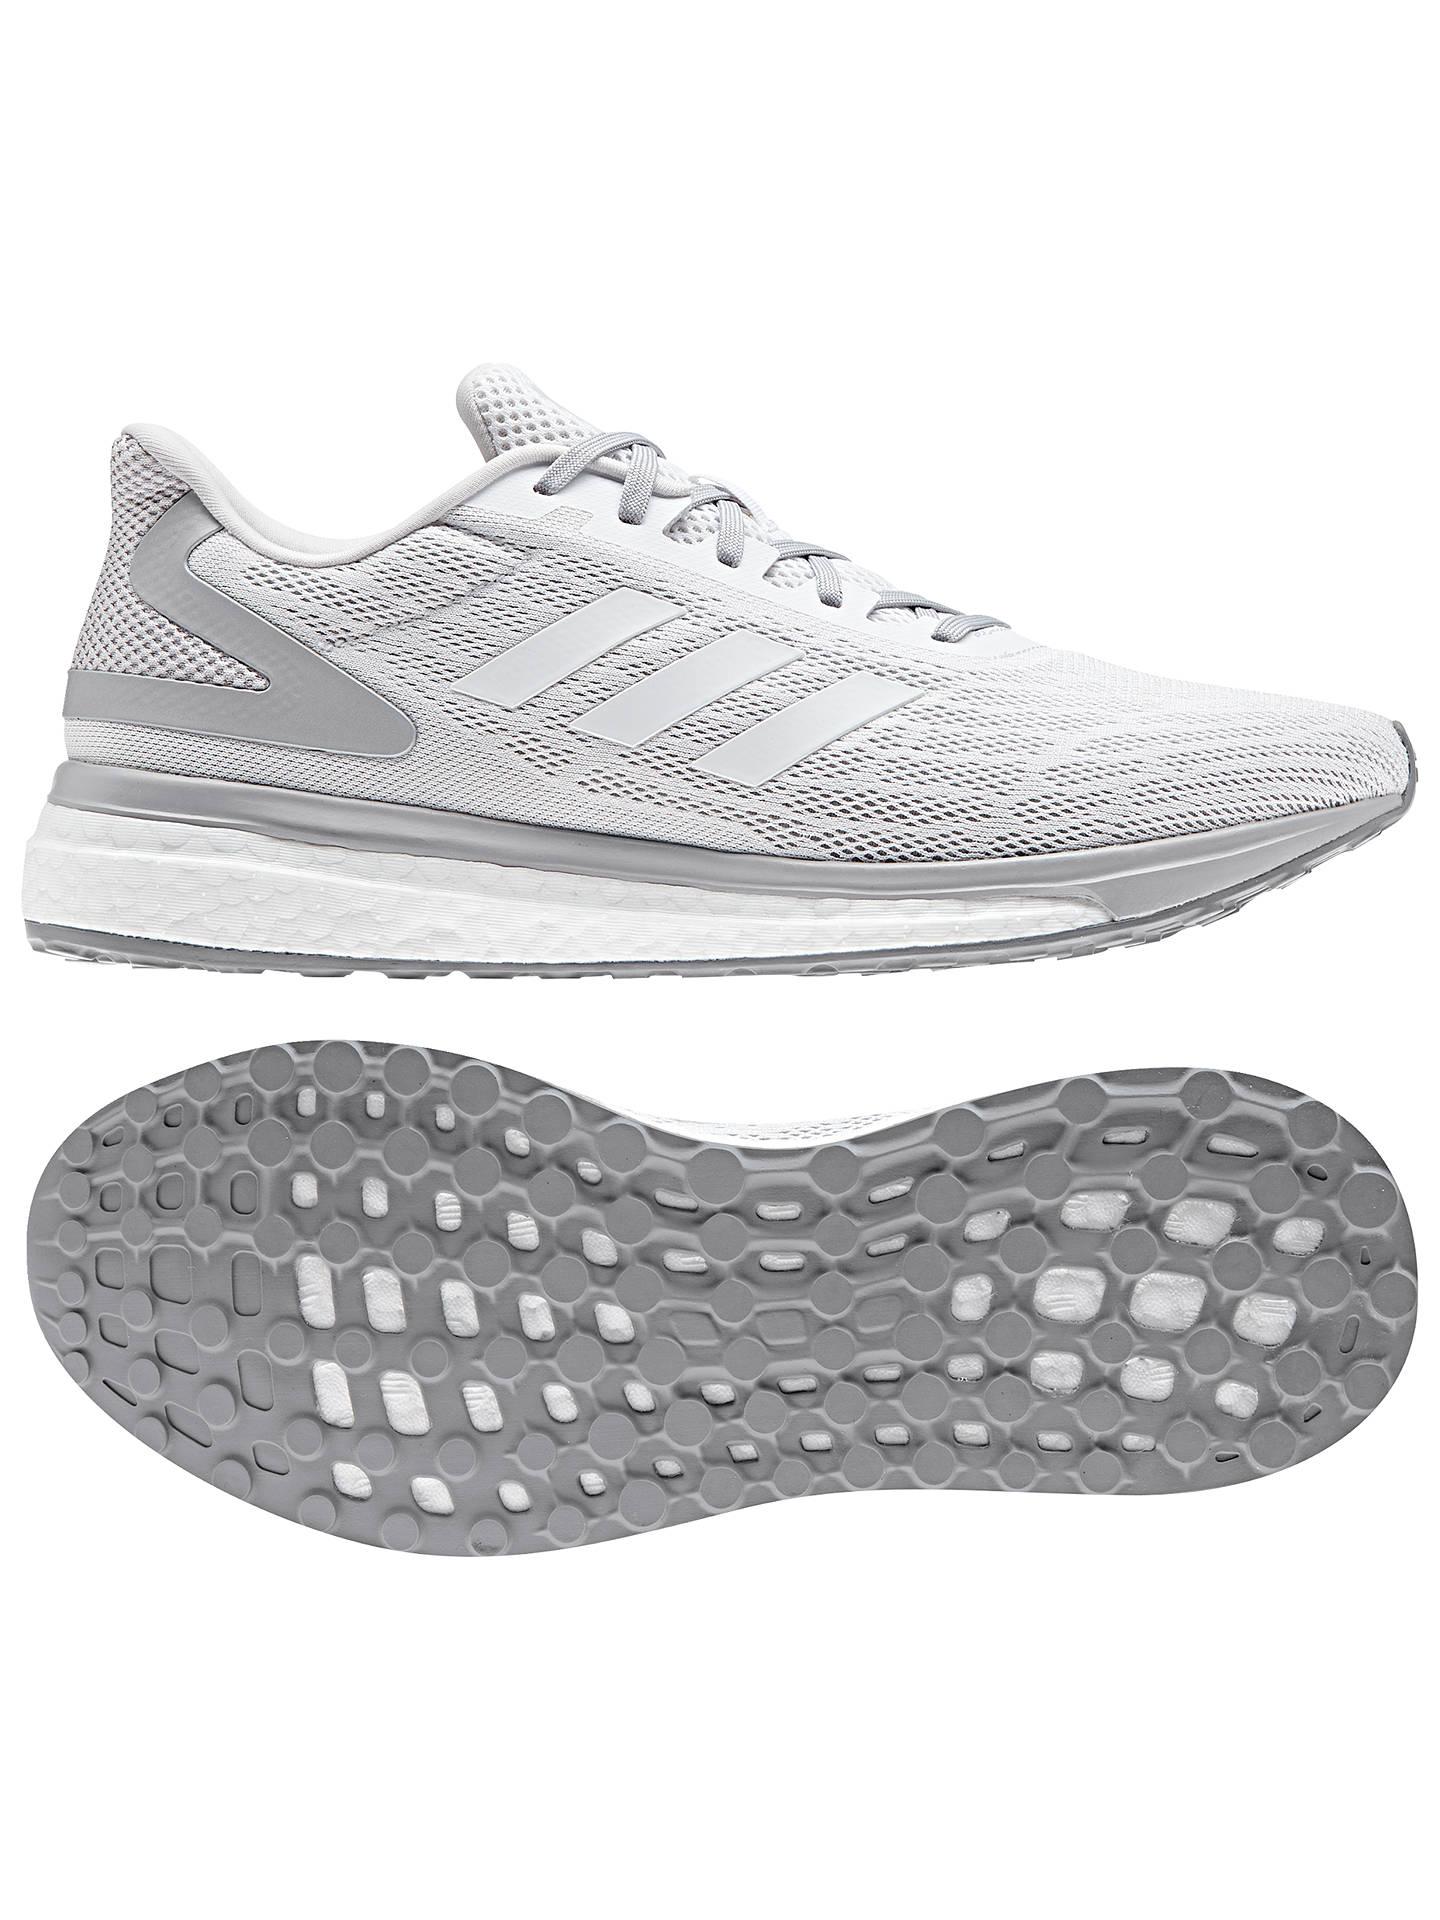 adidas Response Lite Men's Running Shoes, White at John